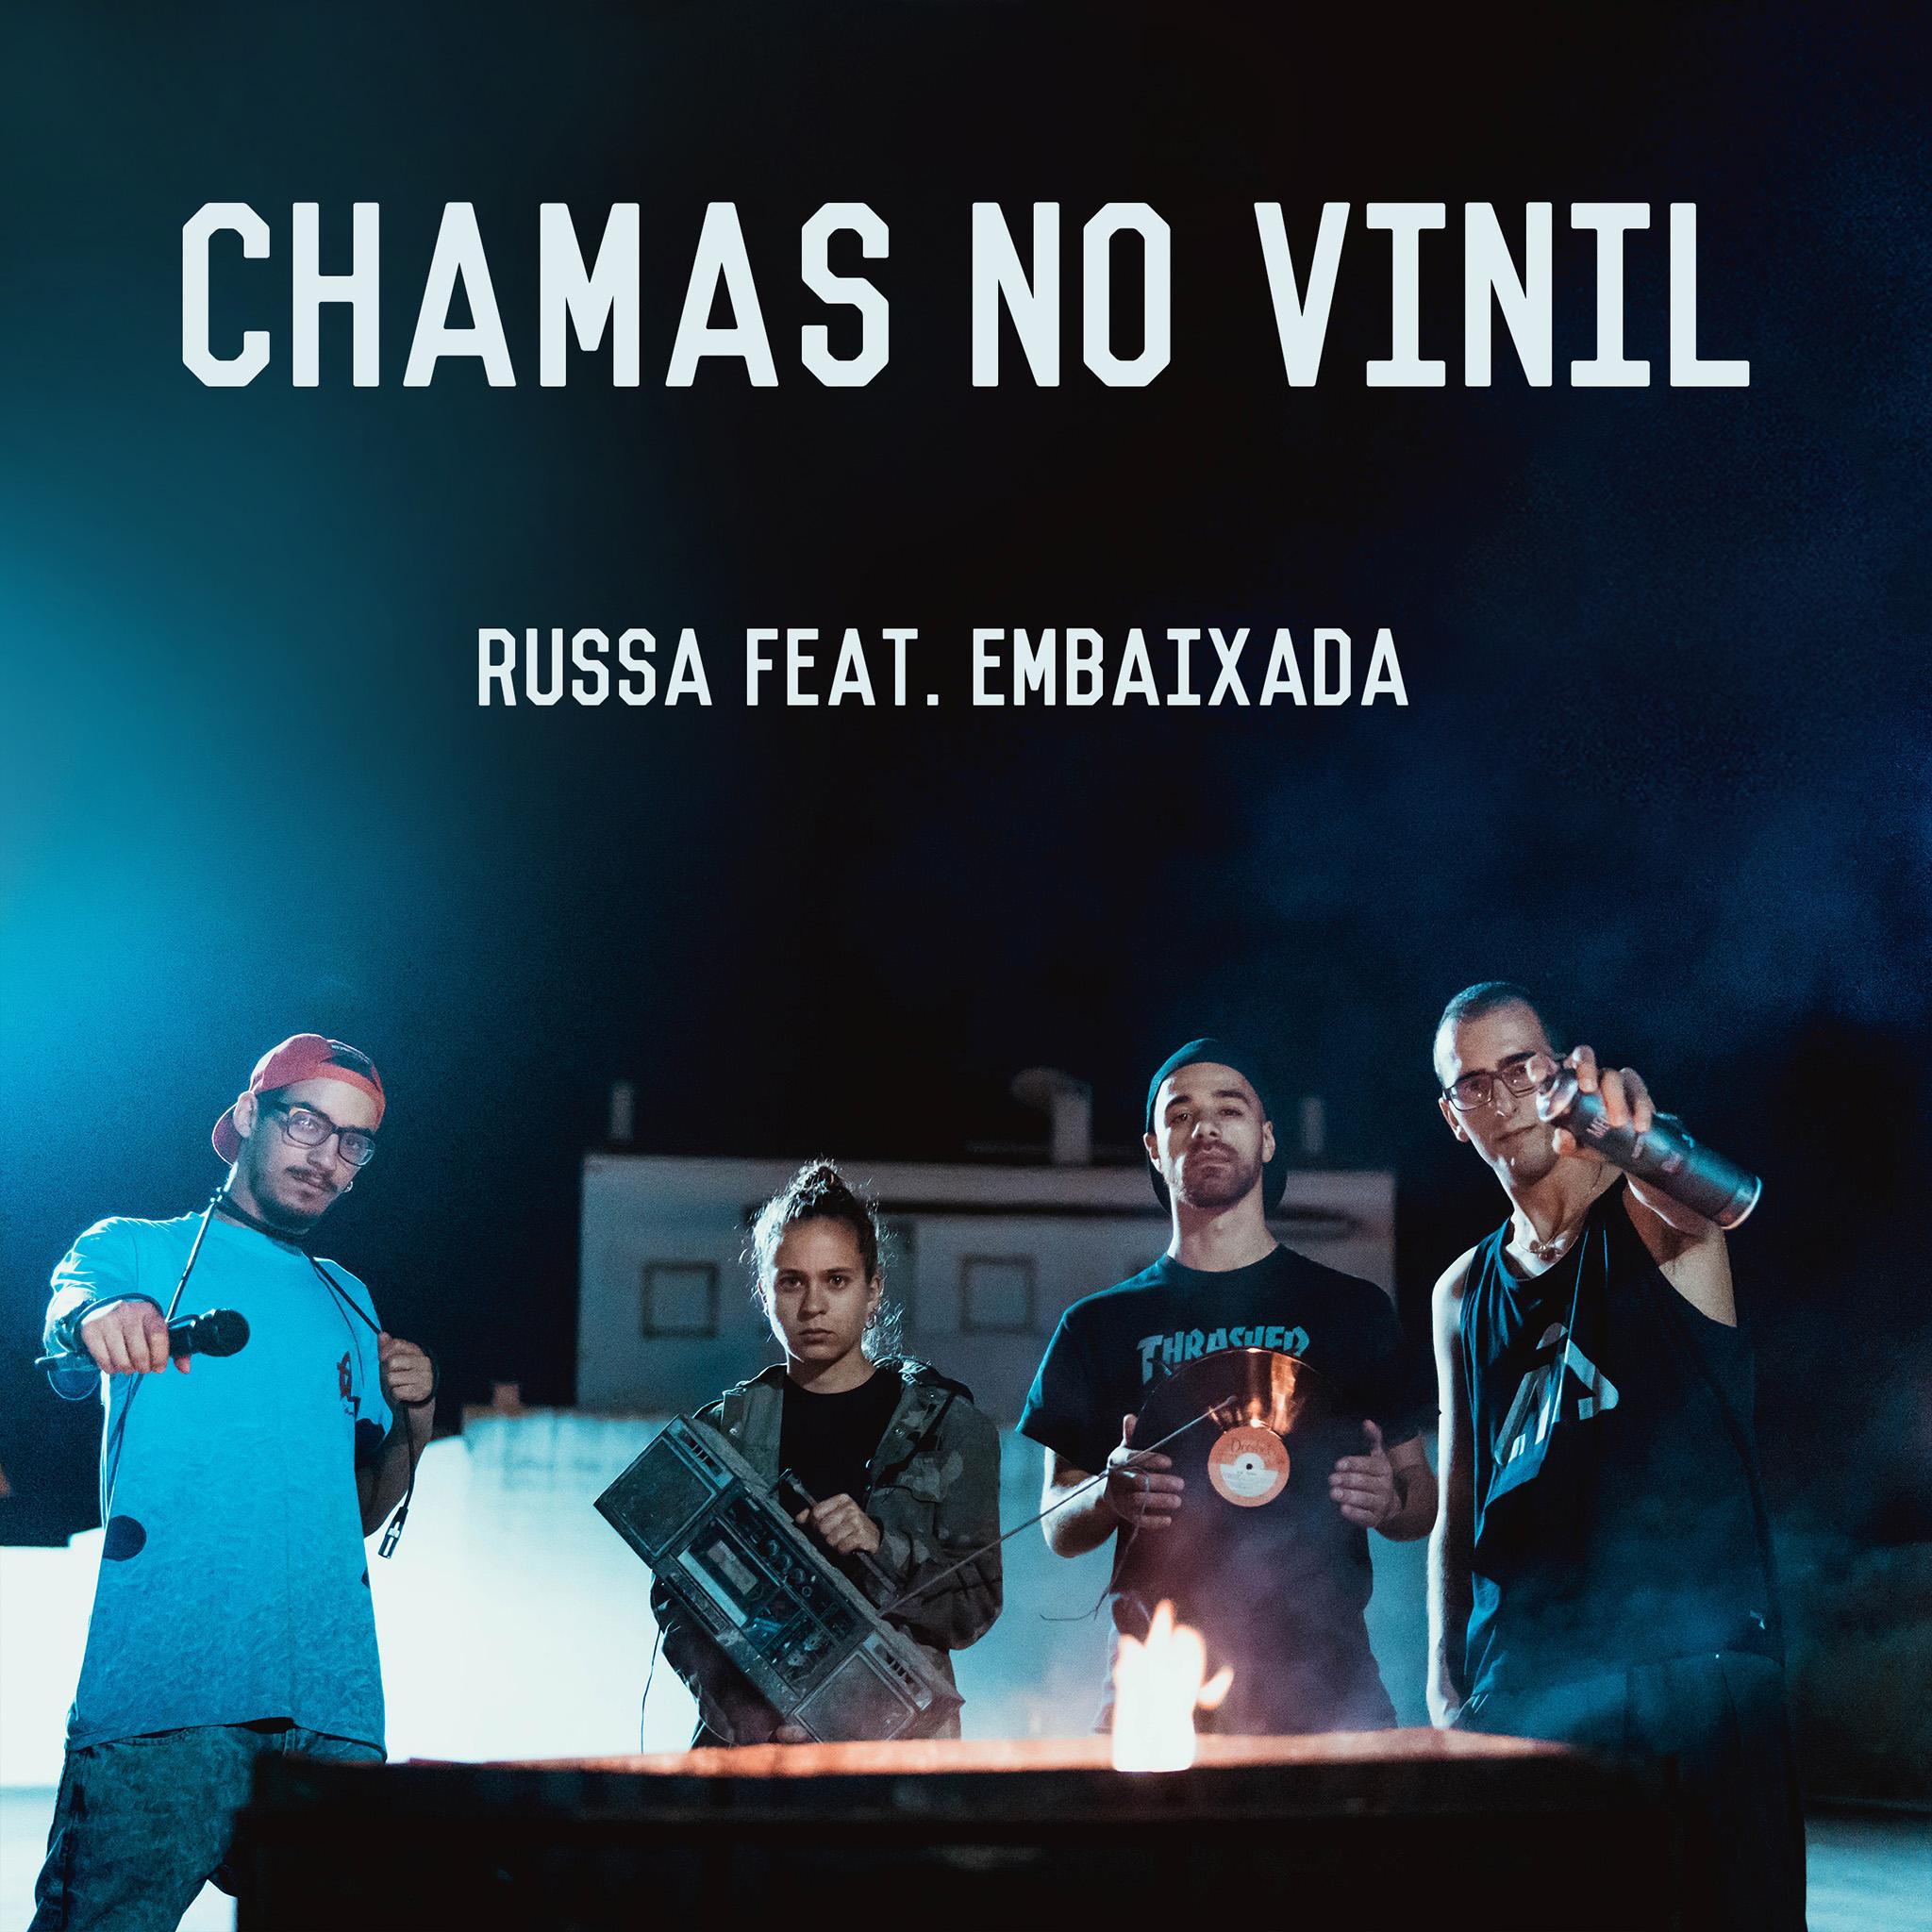 RUSSA - Chamas no Vinil (feat. Embaixada)